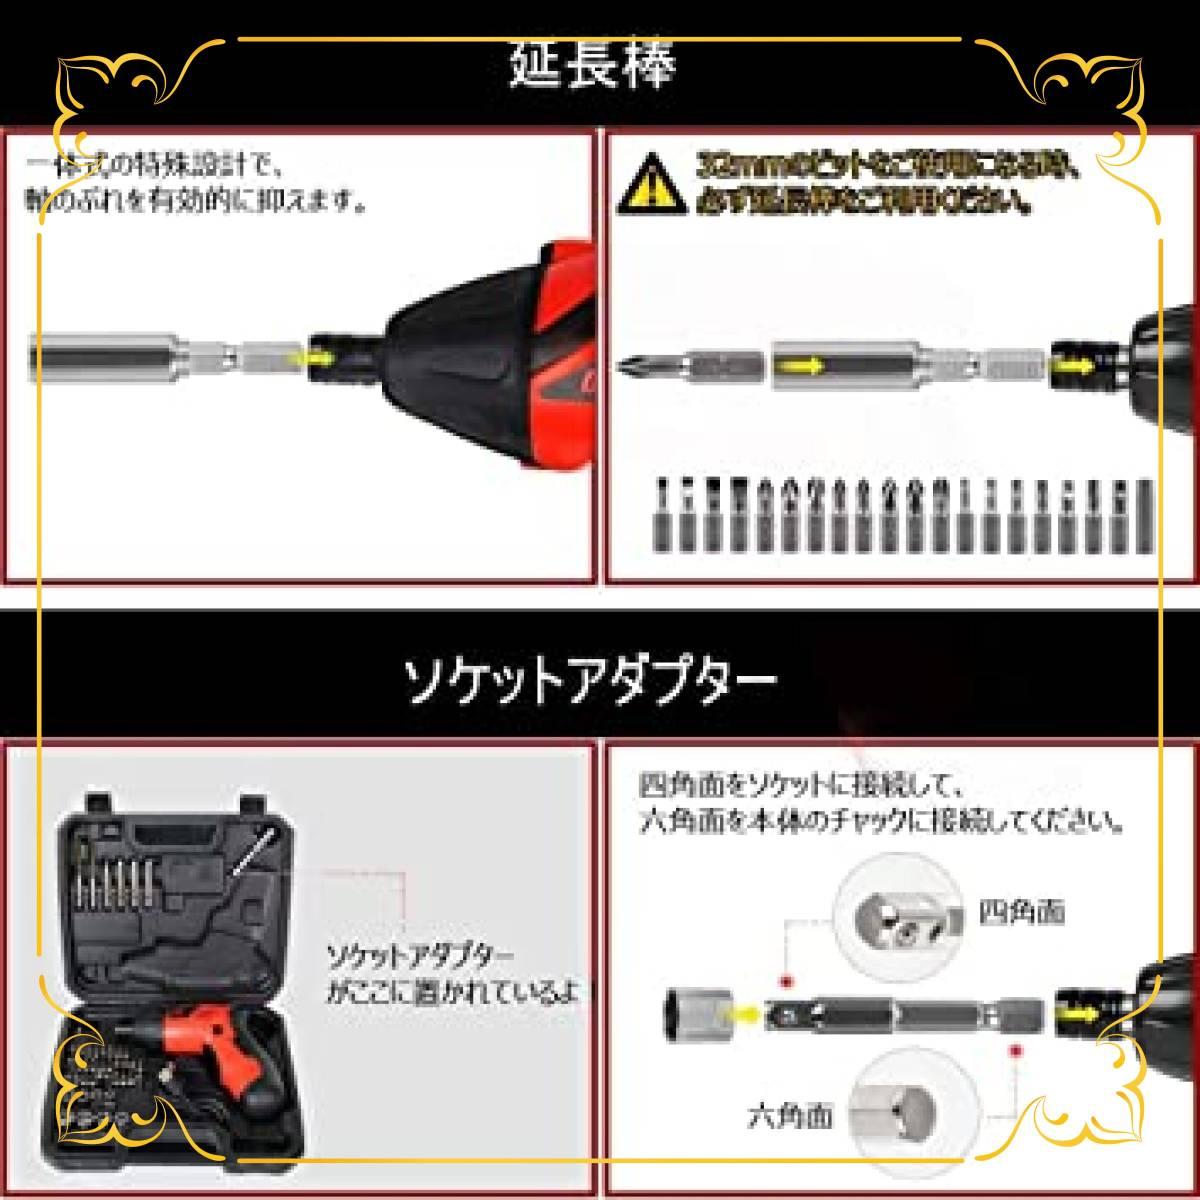 XINGEJU 電動ドライバー ドライバーセット 電動ドリル 充電式 正逆転可能 コードレス 照明機能 充電式 小型 軽量 43_画像4